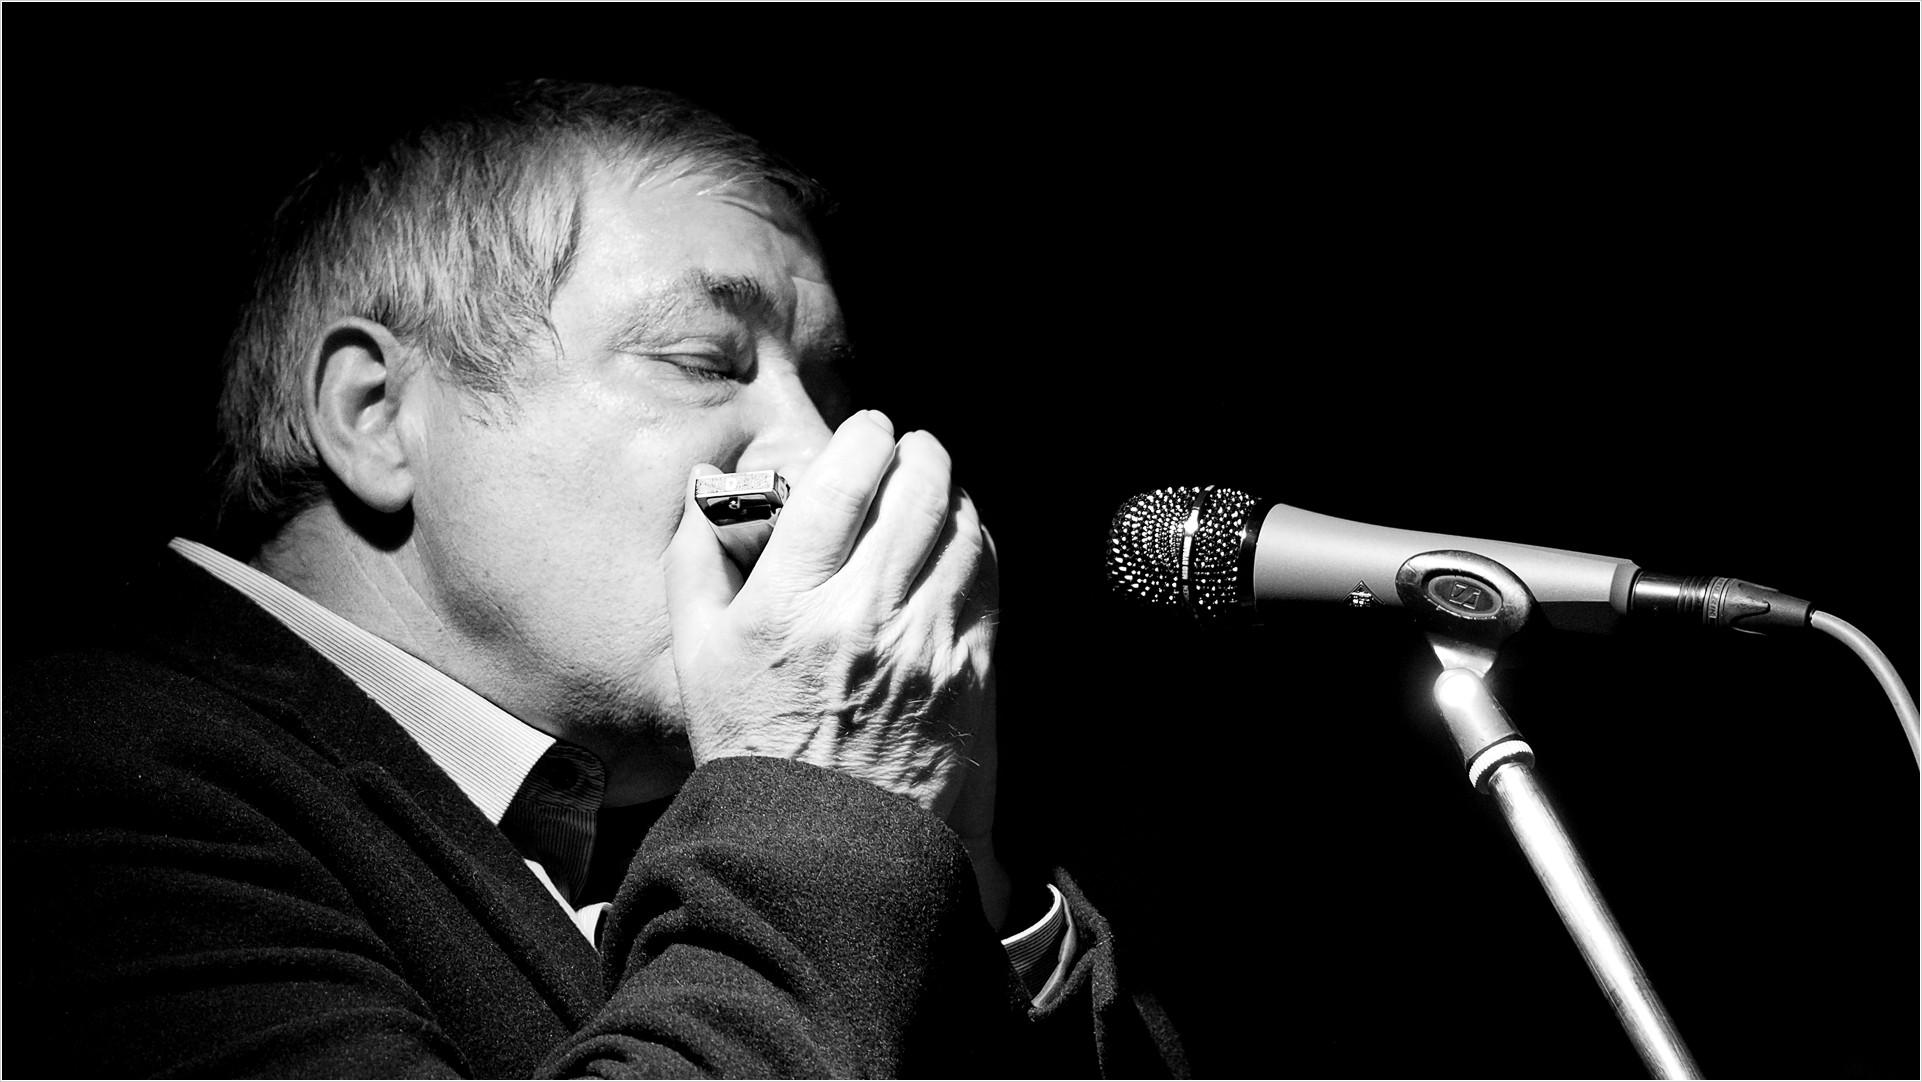 Mann spielt Mundharmonika (sw)